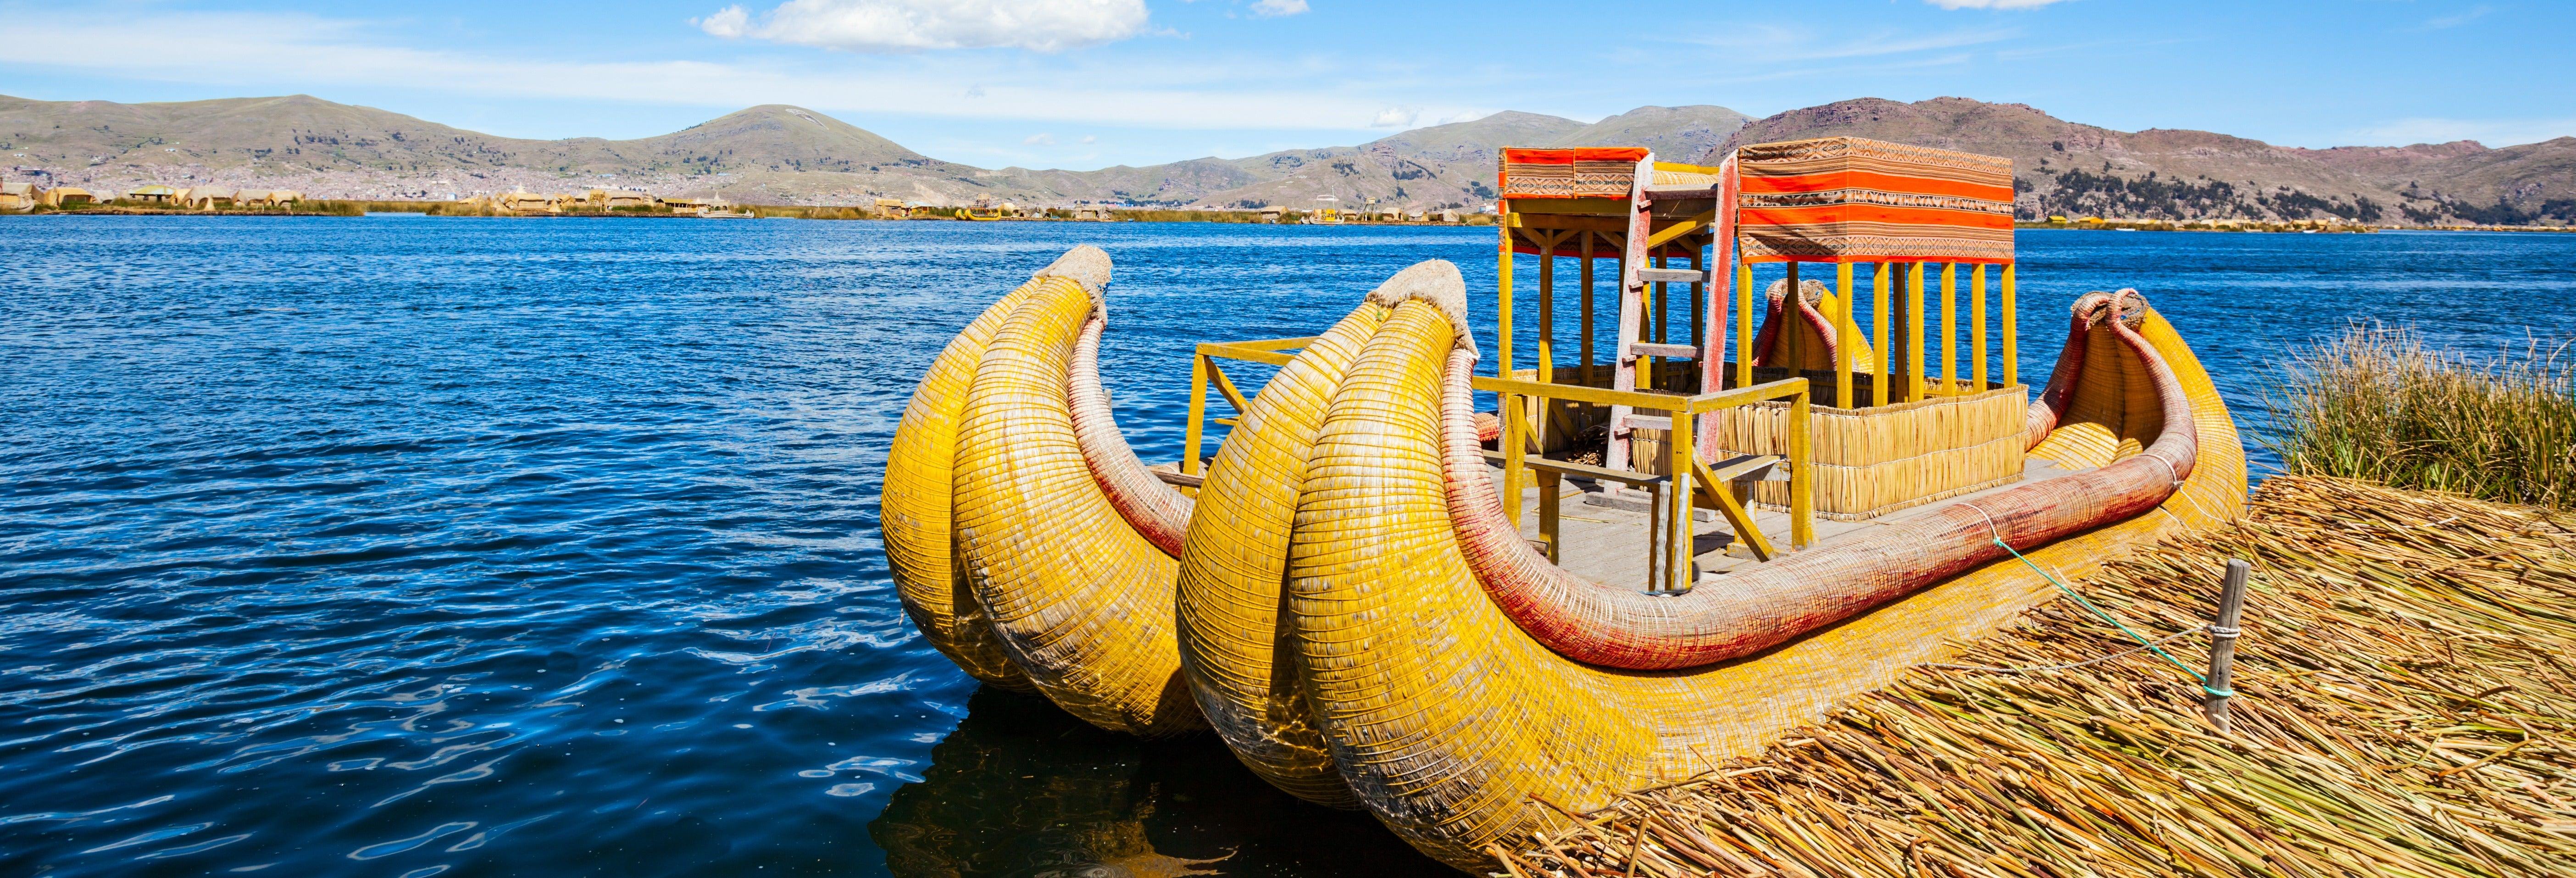 Excursión a las islas de los Uros + Trekking por Taquile